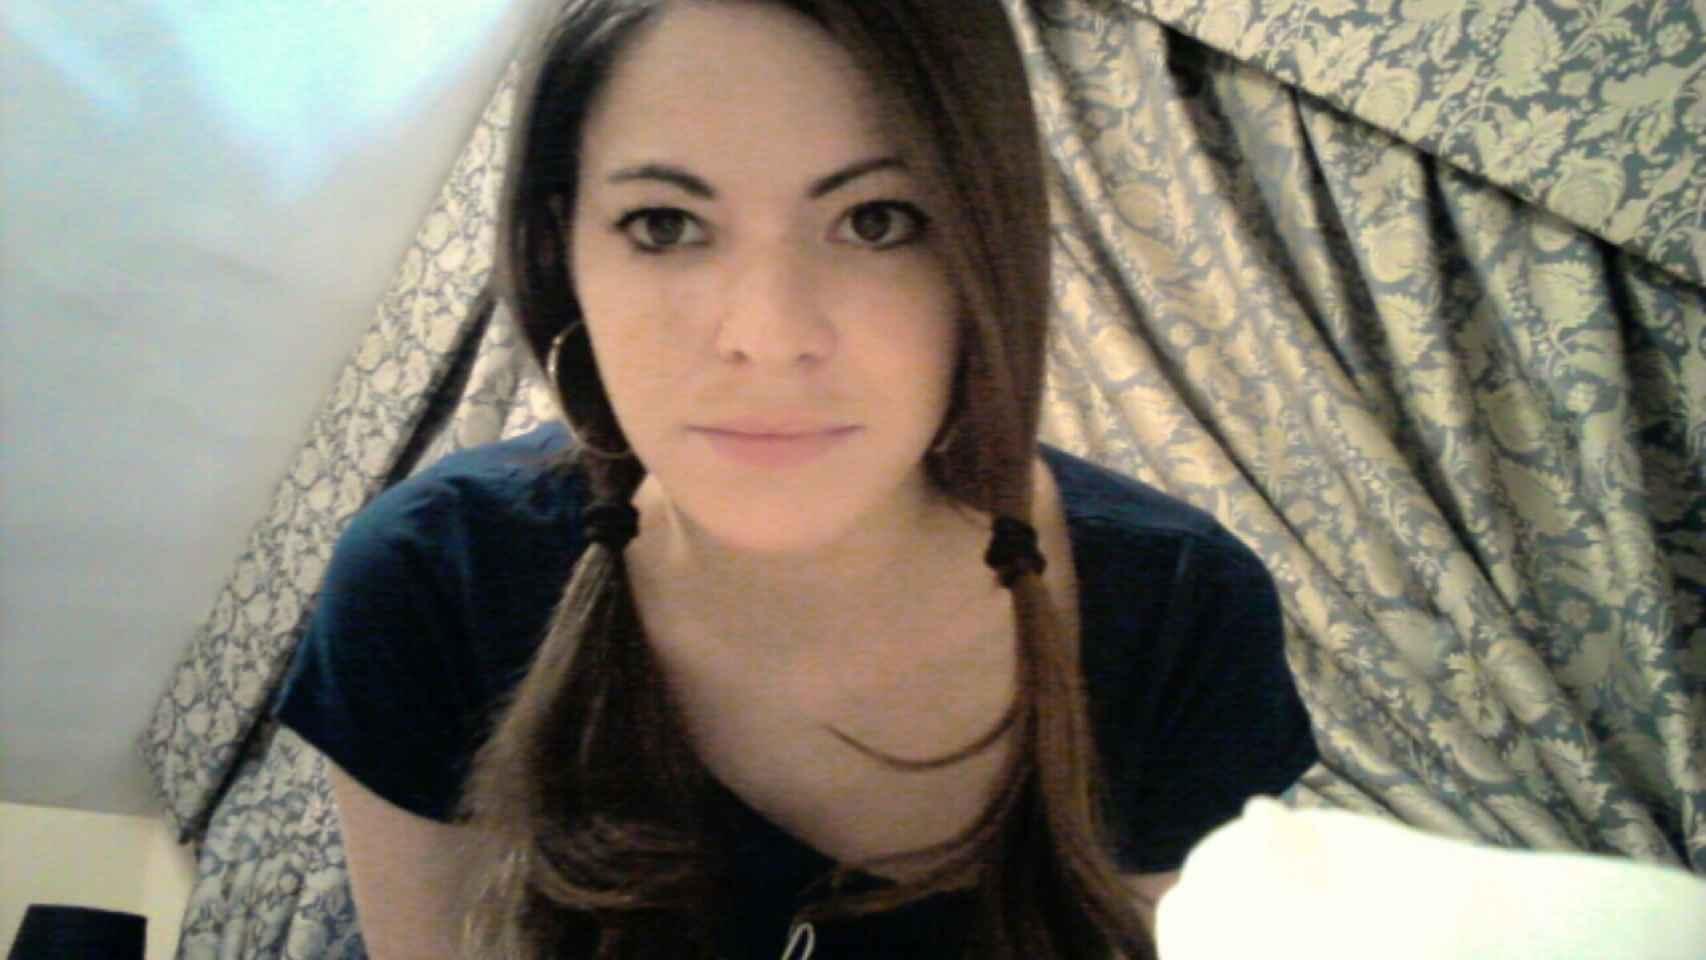 Ana Isabel Barruecos, con 32 años, ha pasado ya 100 veces por quirófano debido a una enfermedad crónica.